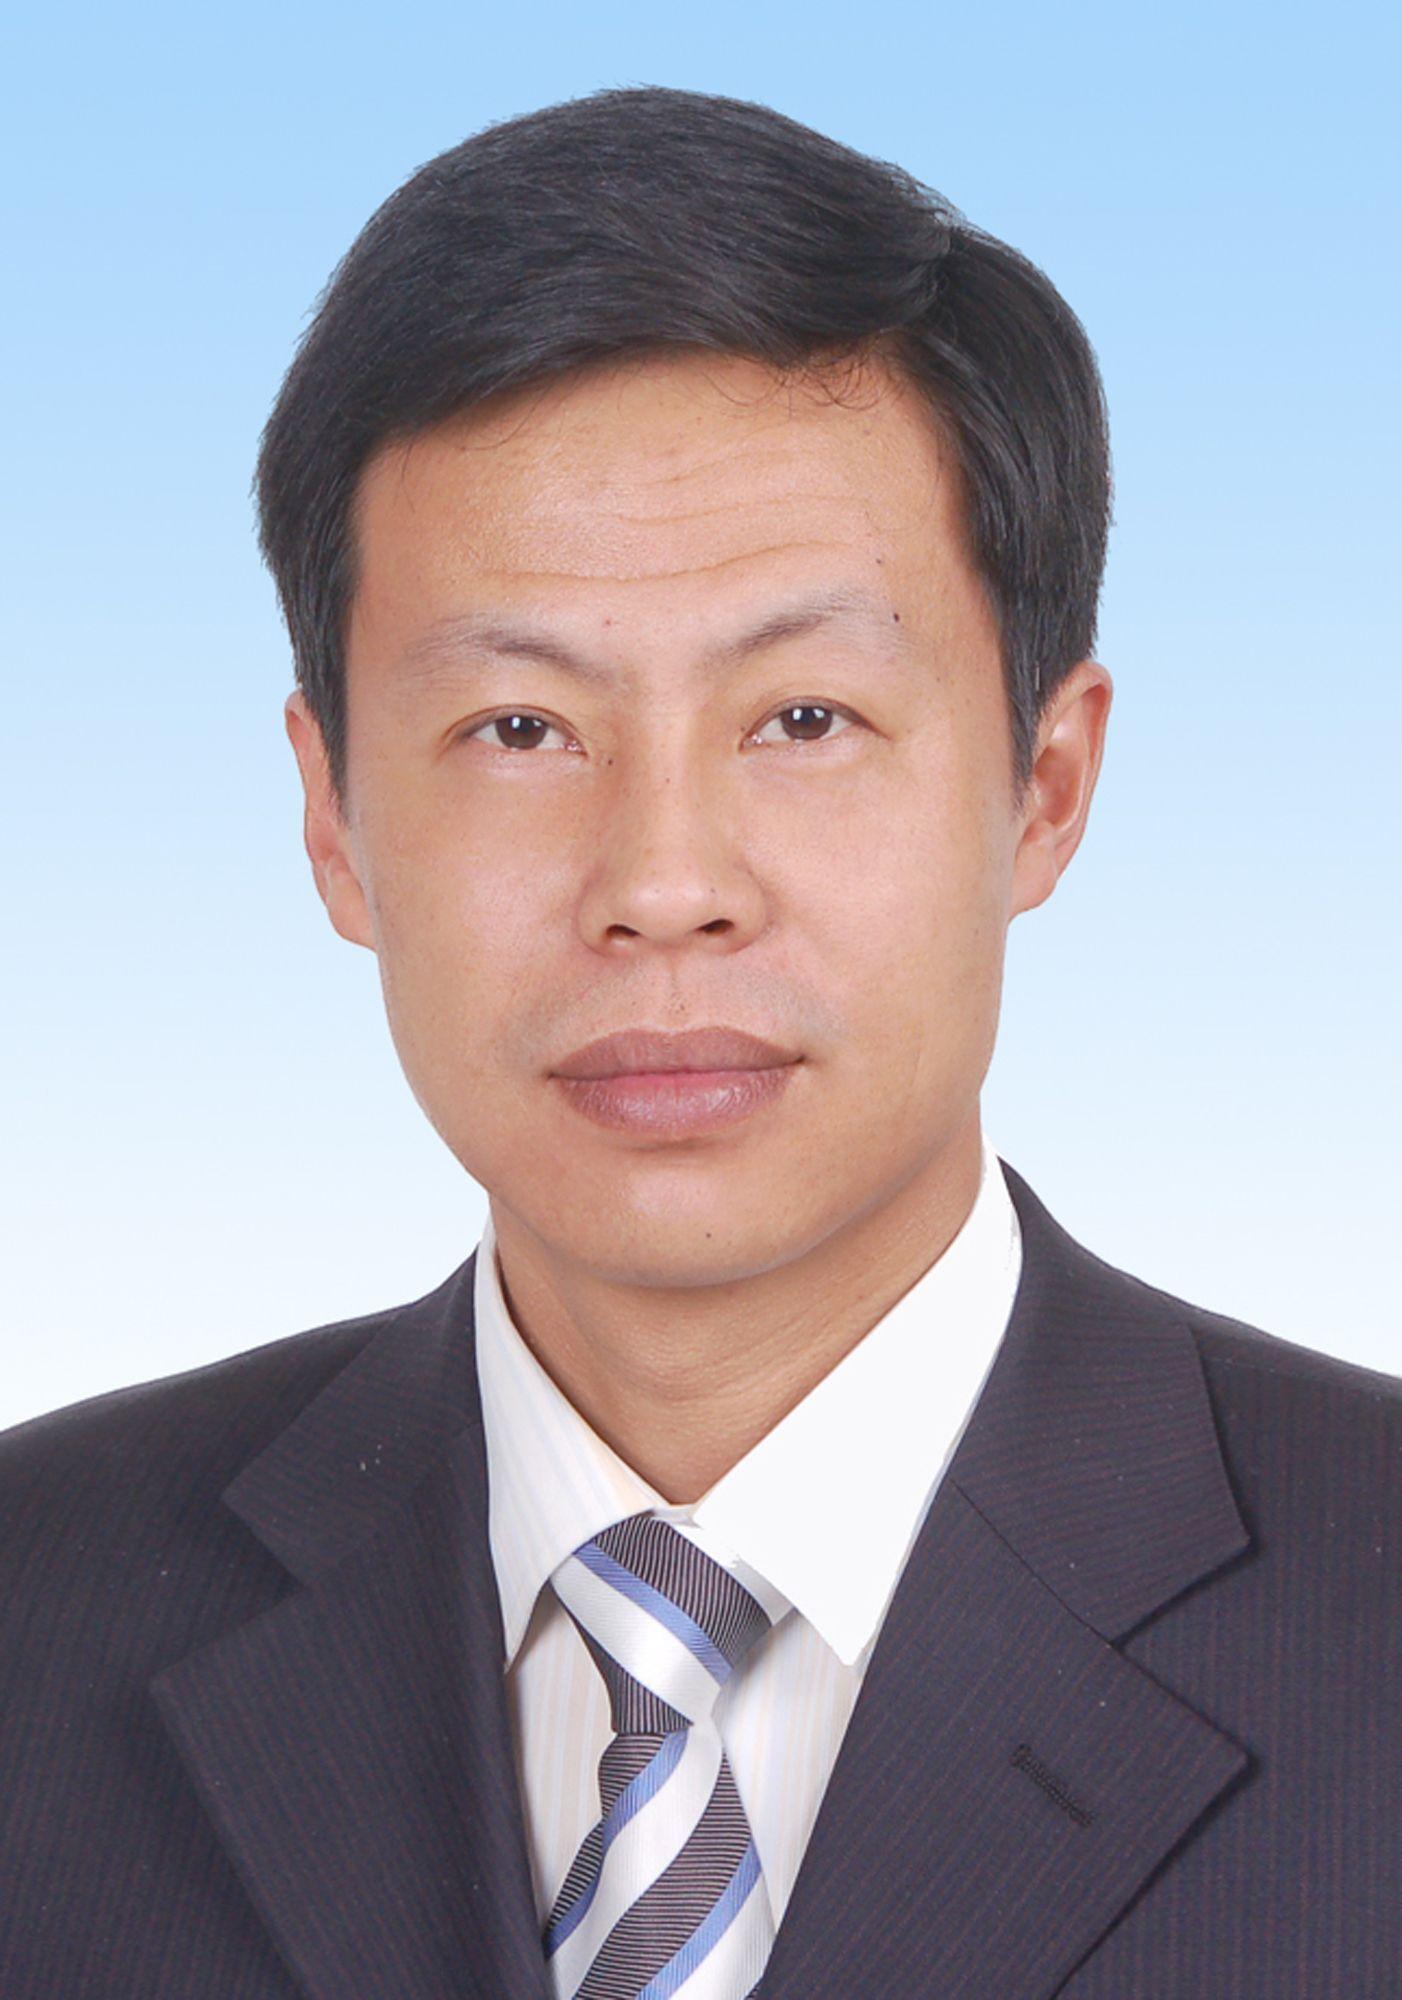 上海锦天城(合肥)律师事务所刘辉律师电话、简历(图) — 合肥律师图片